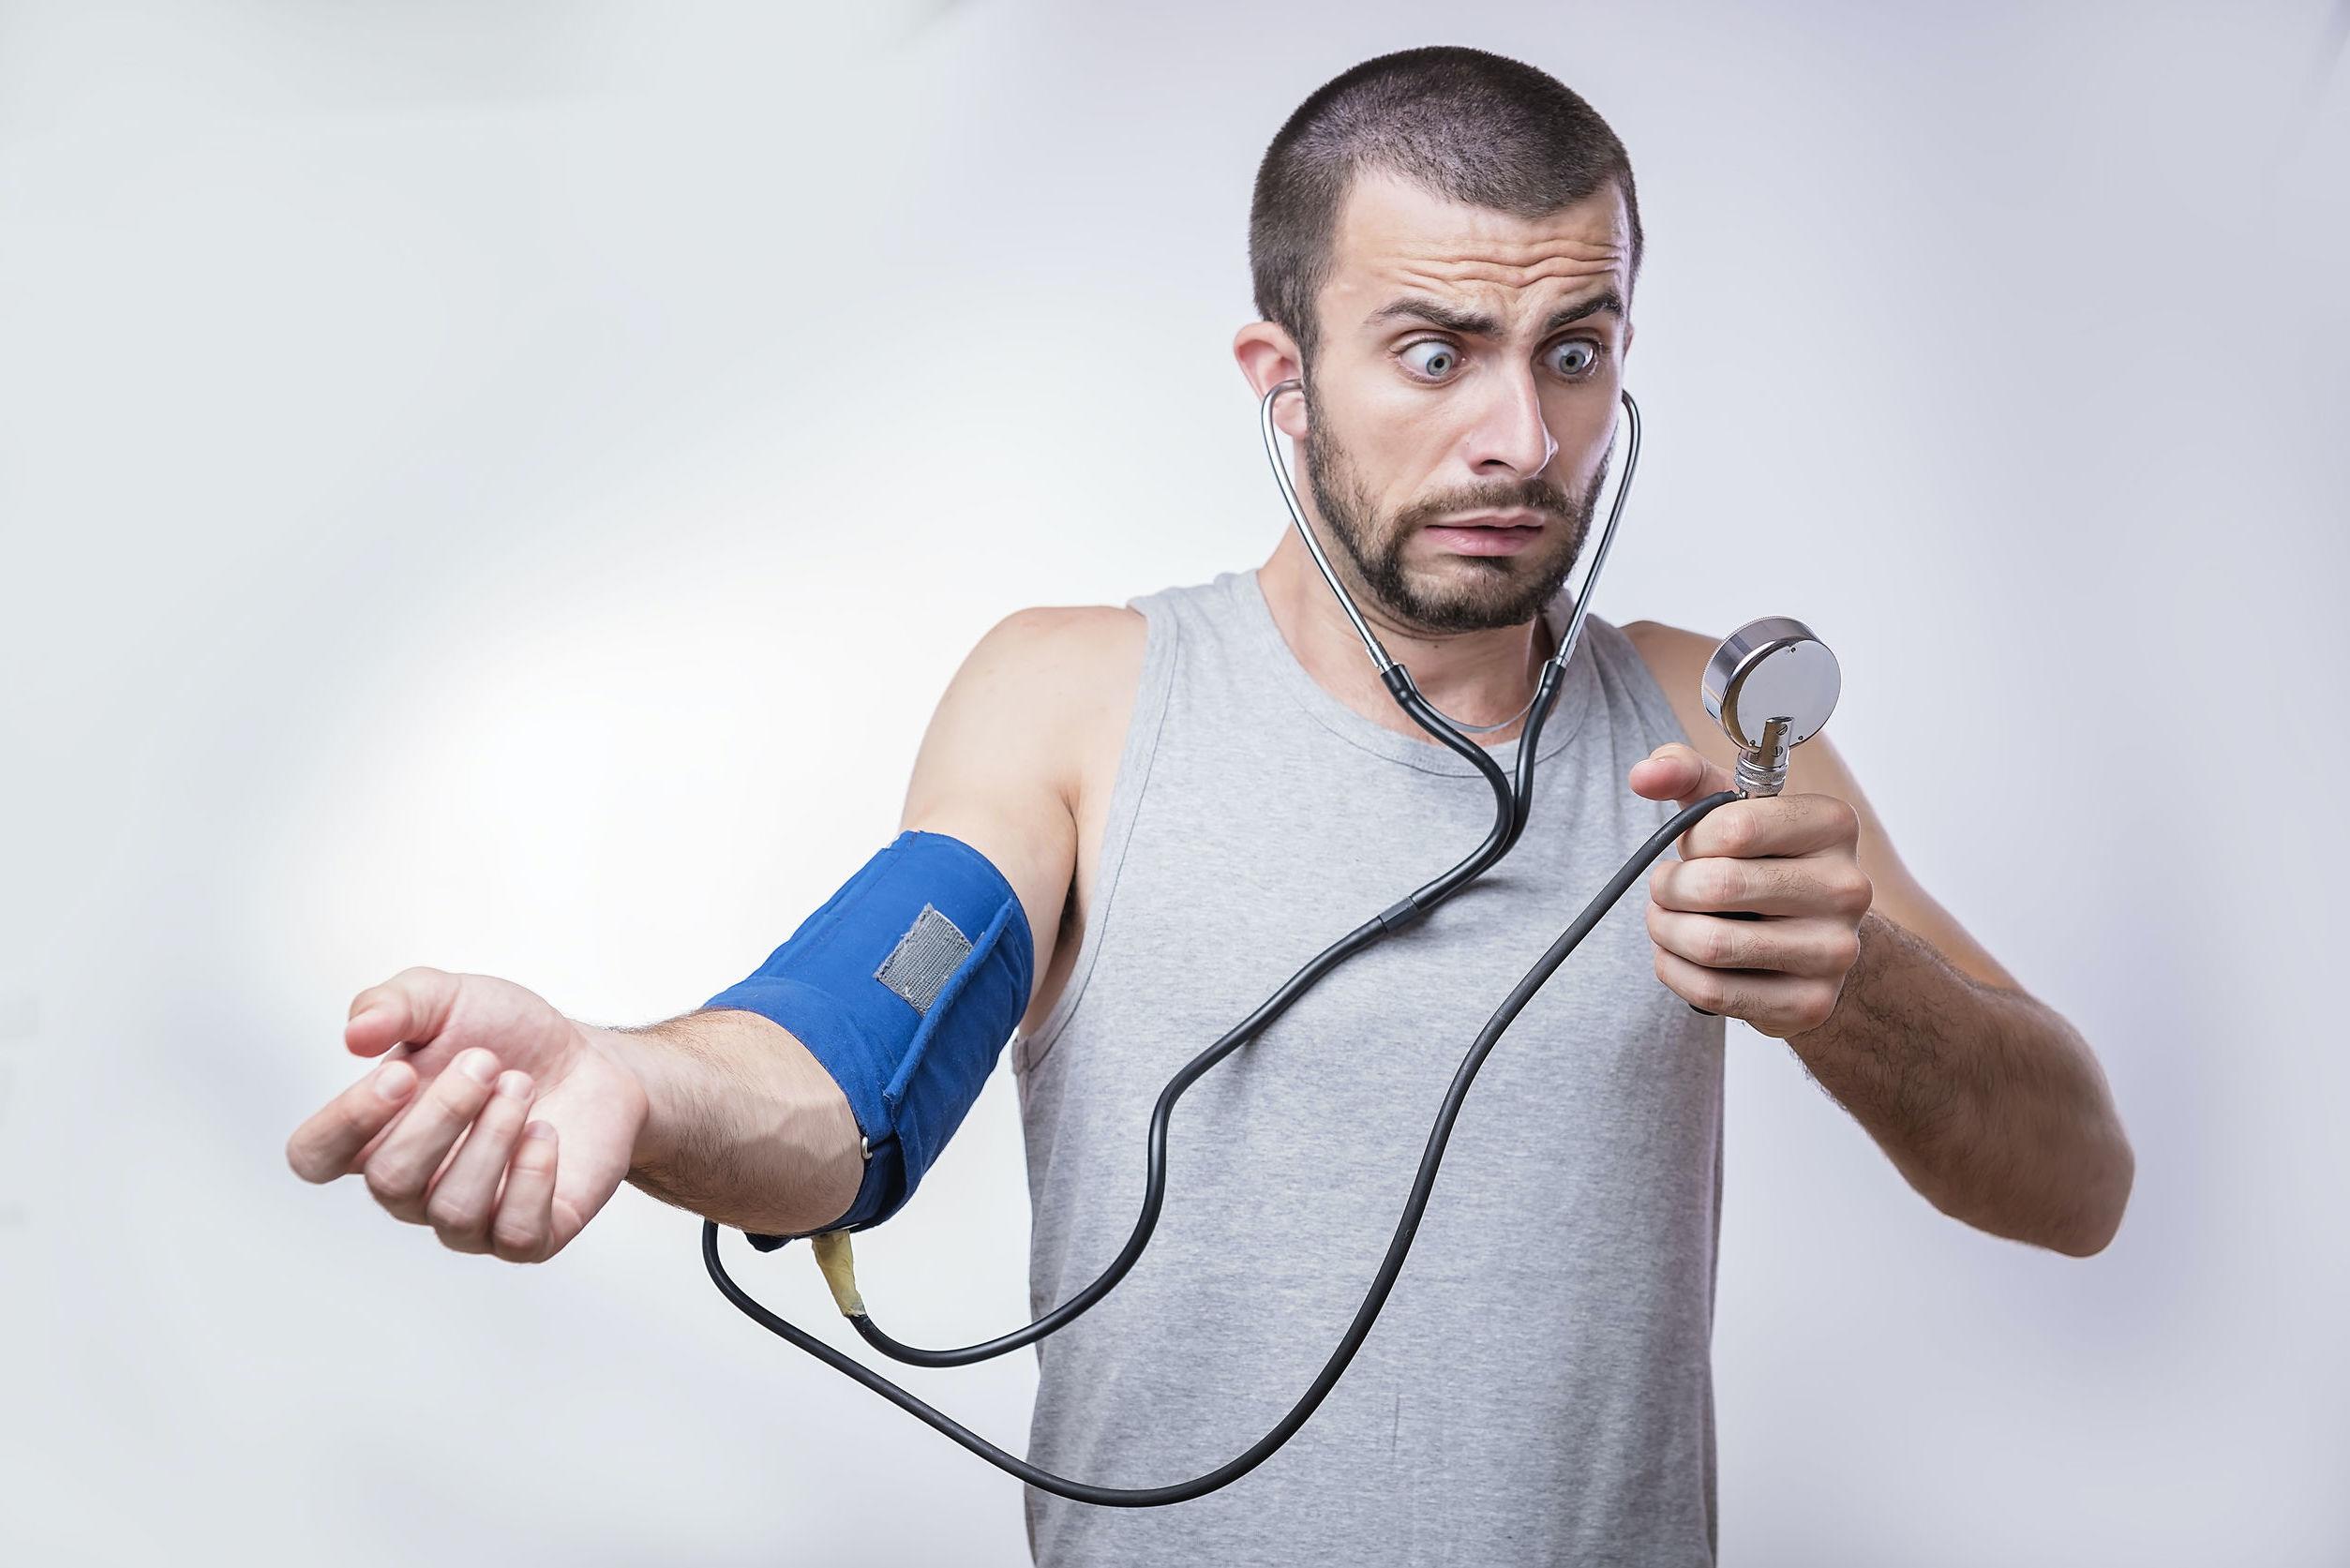 hogyan lehet a legjobban futni magas vérnyomás esetén)